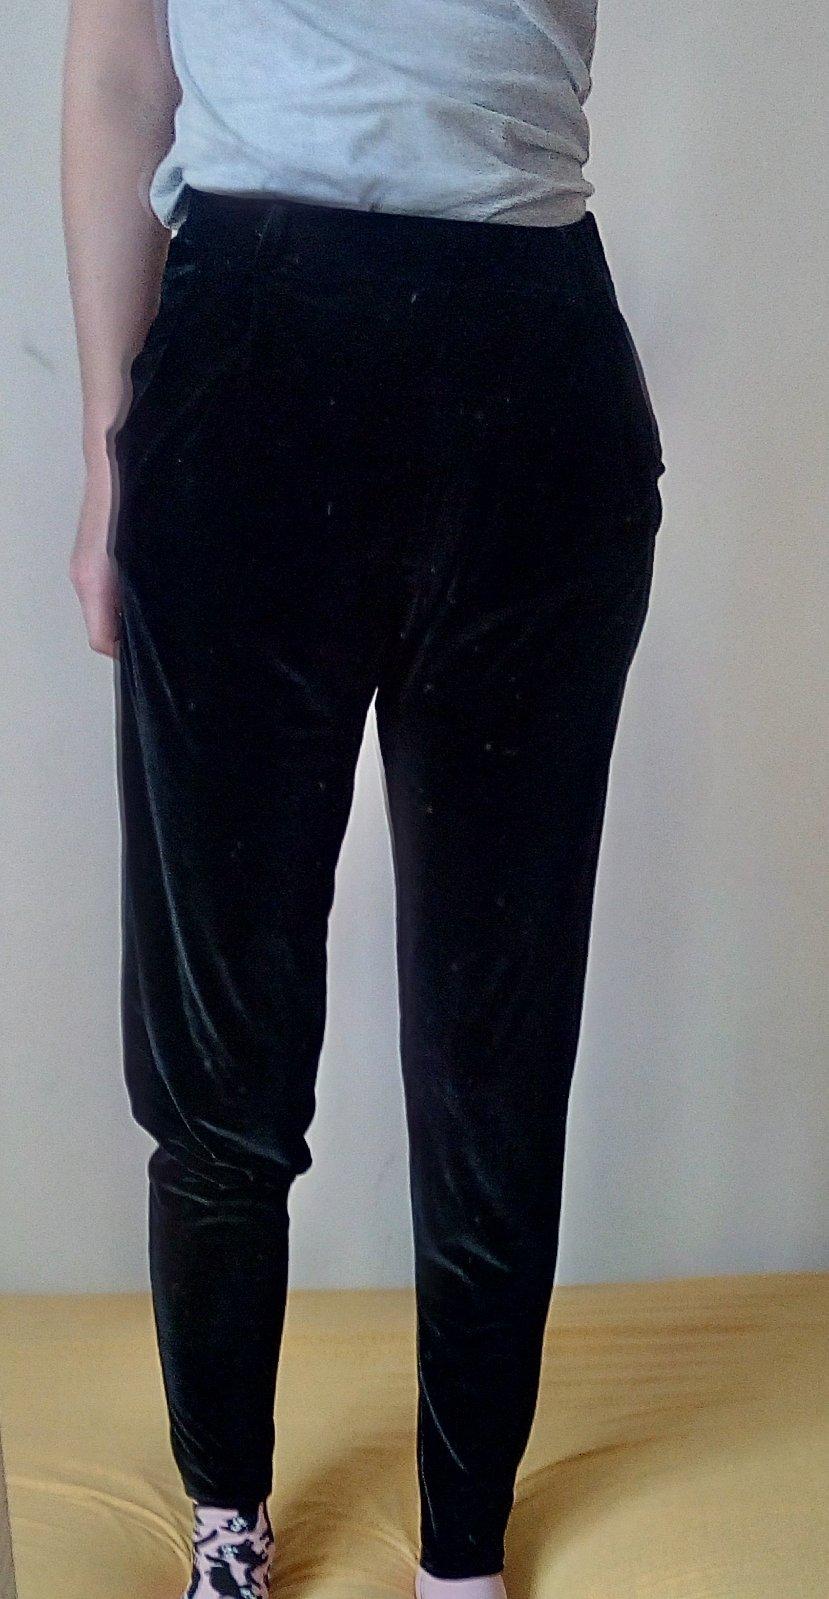 Čierne zamatové nohavice S - Obrázok č. 1